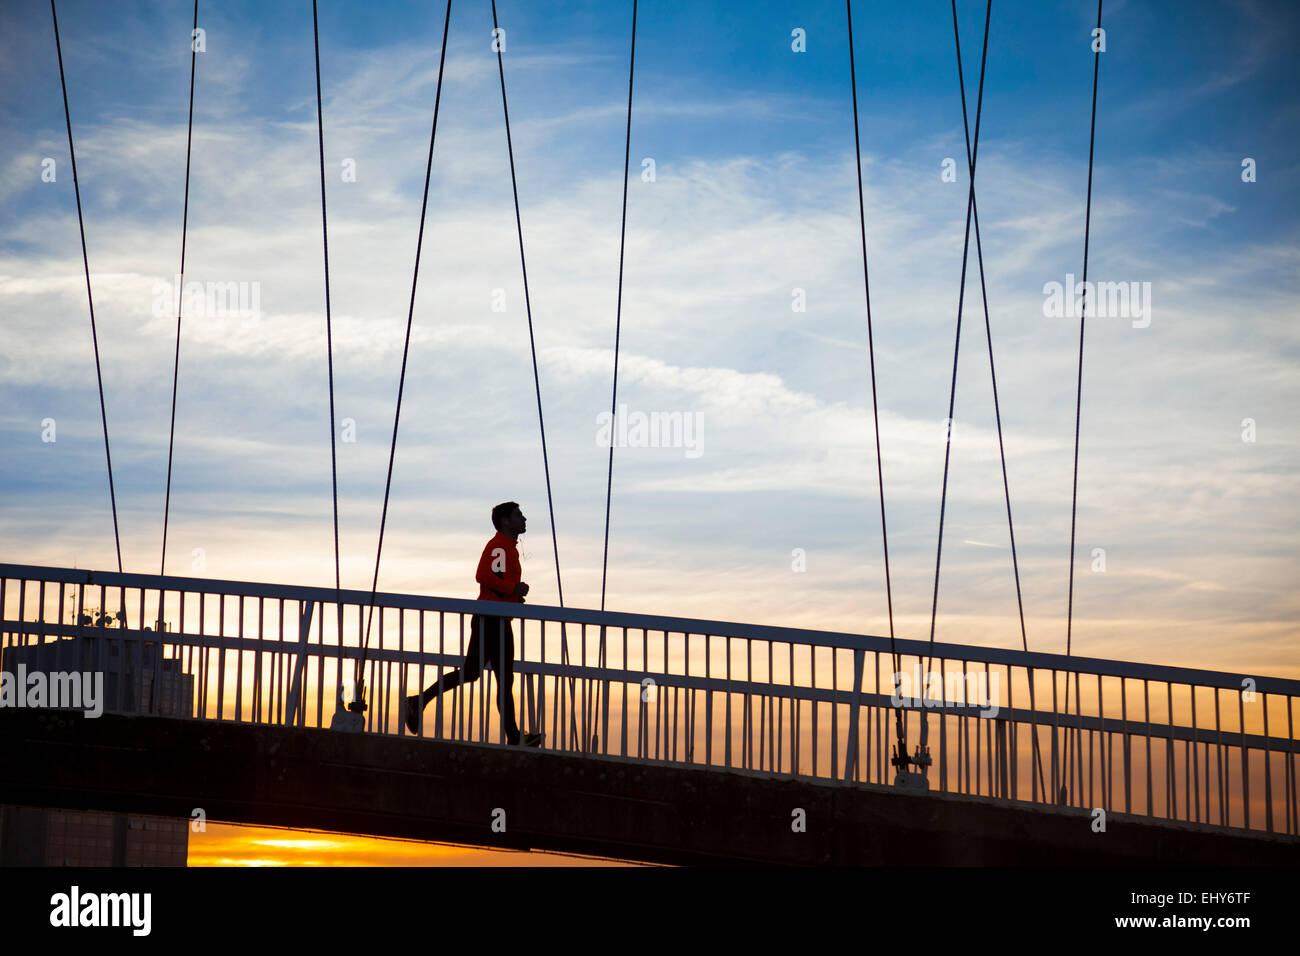 Hombre Footing en puente al atardecer Imagen De Stock